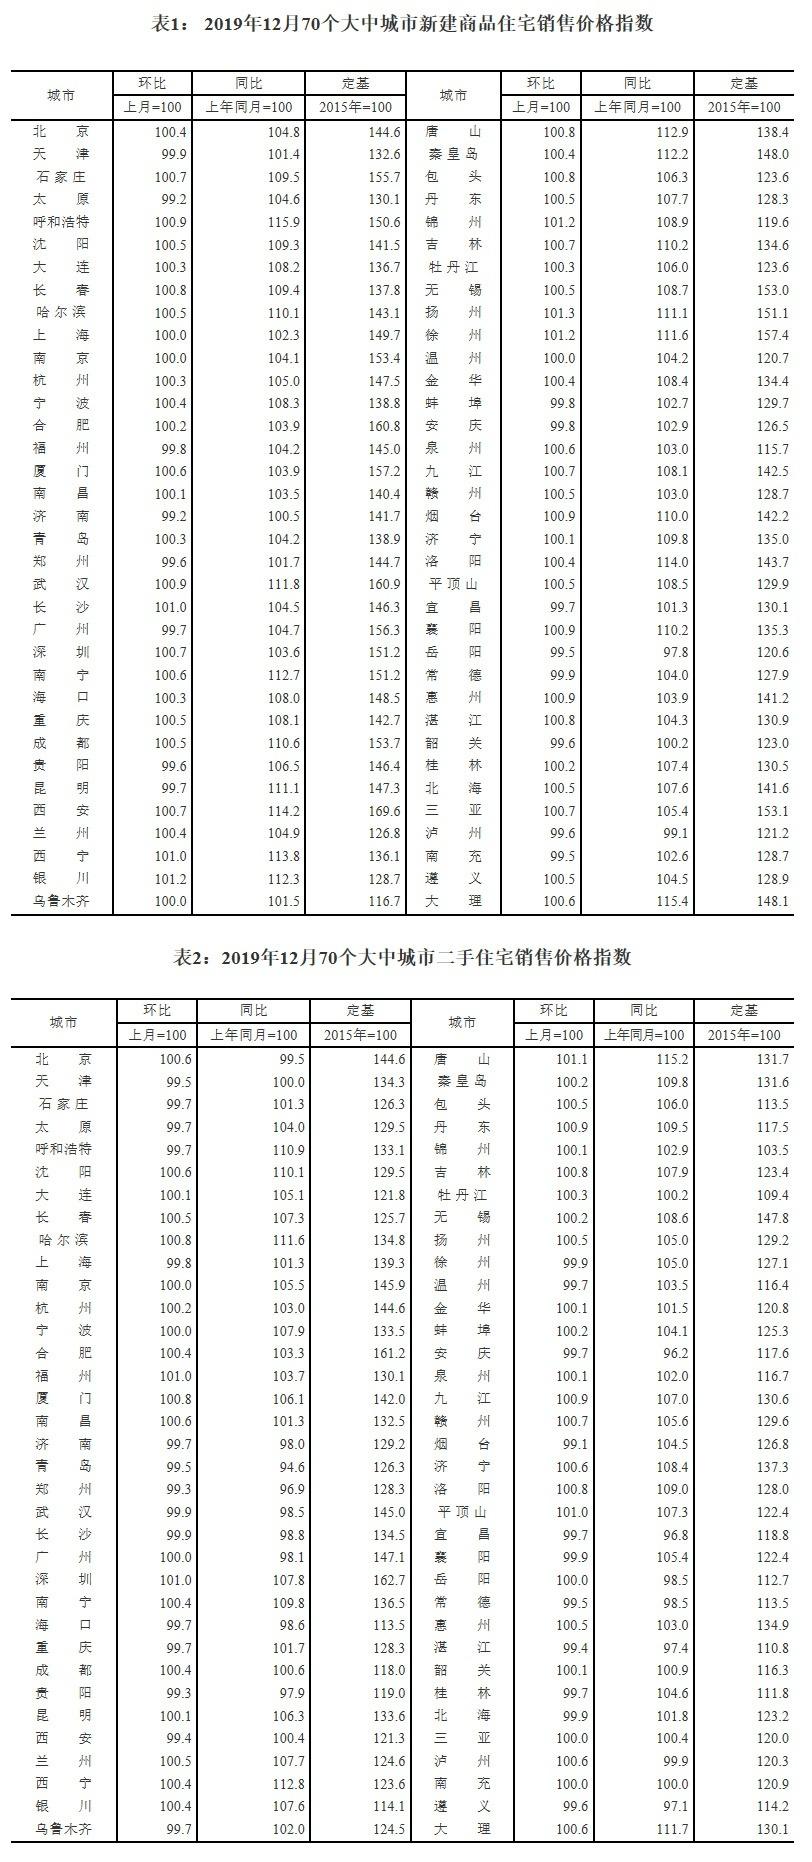 [推荐]2019年12月70城房价数据公布!杭州新房环比上涨0.3%